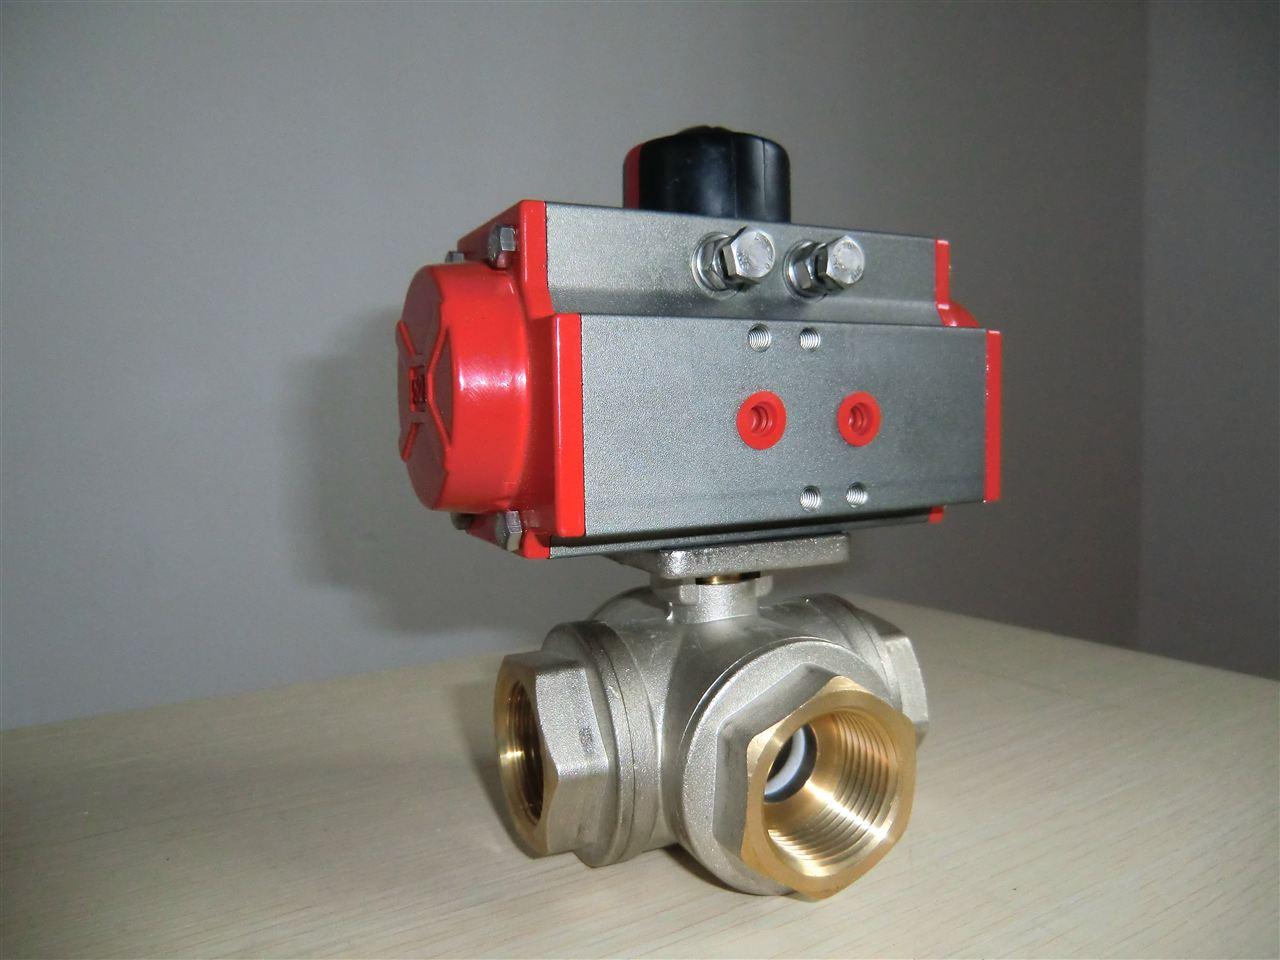 泵/阀/管件/水箱 阀门 球阀 上海经瑞流体控制有限公司 电动三通球阀